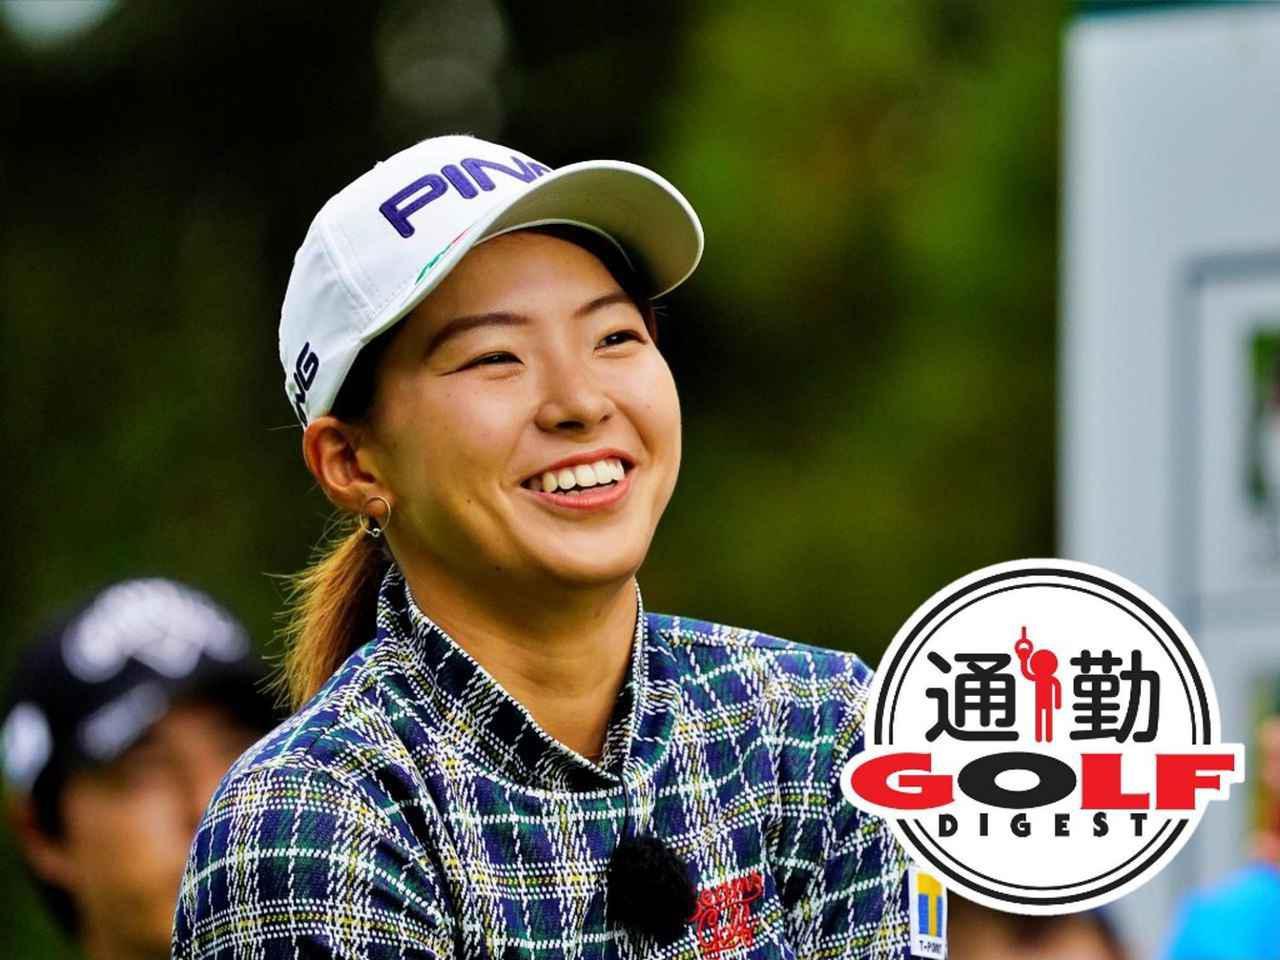 画像: 【通勤GD】メジャーチャンプコーチ青木翔の「笑顔のレシピ」自分と目標との距離が離れすぎていませんか? Vol.18 ゴルフダイジェストWEB - ゴルフへ行こうWEB by ゴルフダイジェスト